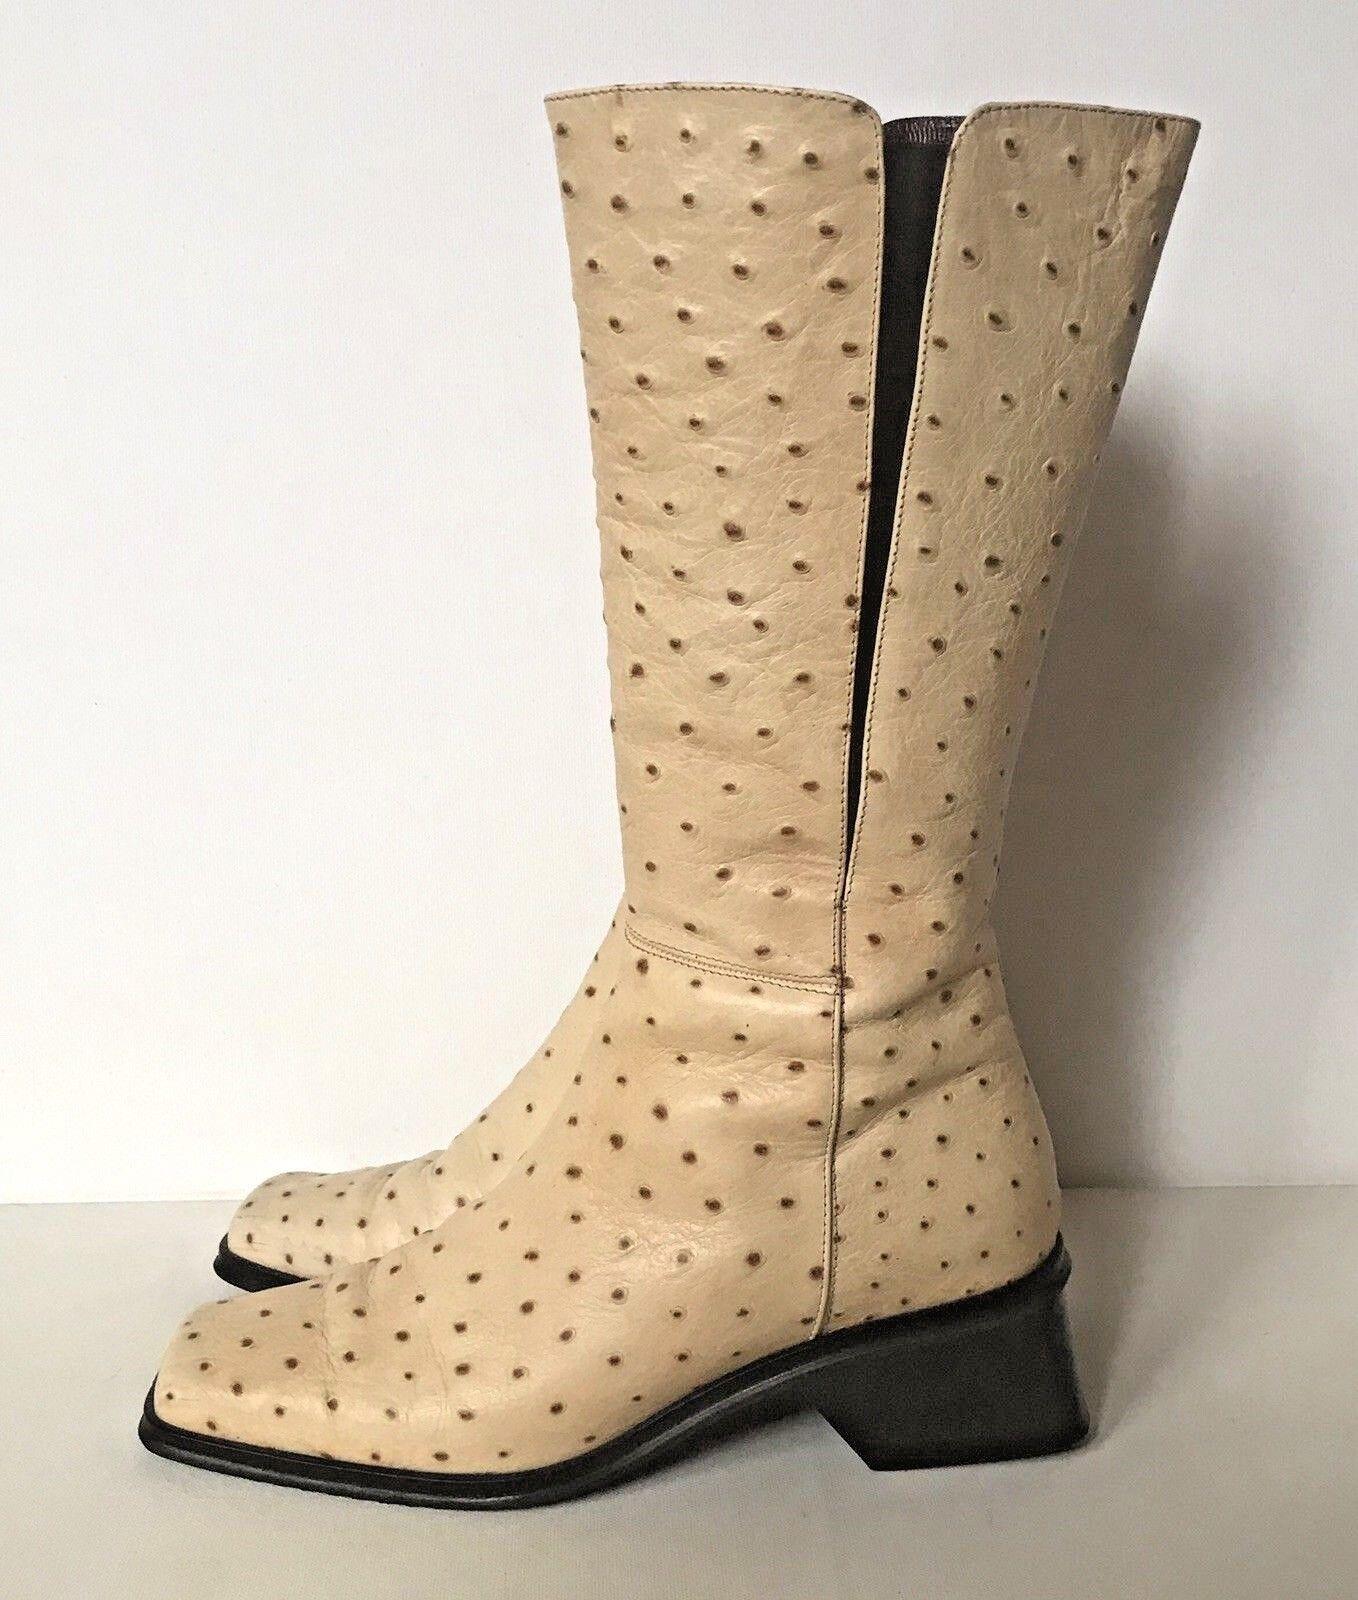 CAIMAN Luxus Echt Leder Stiefel 37,5 Vintage Straußenprägung Vanille elegant Top